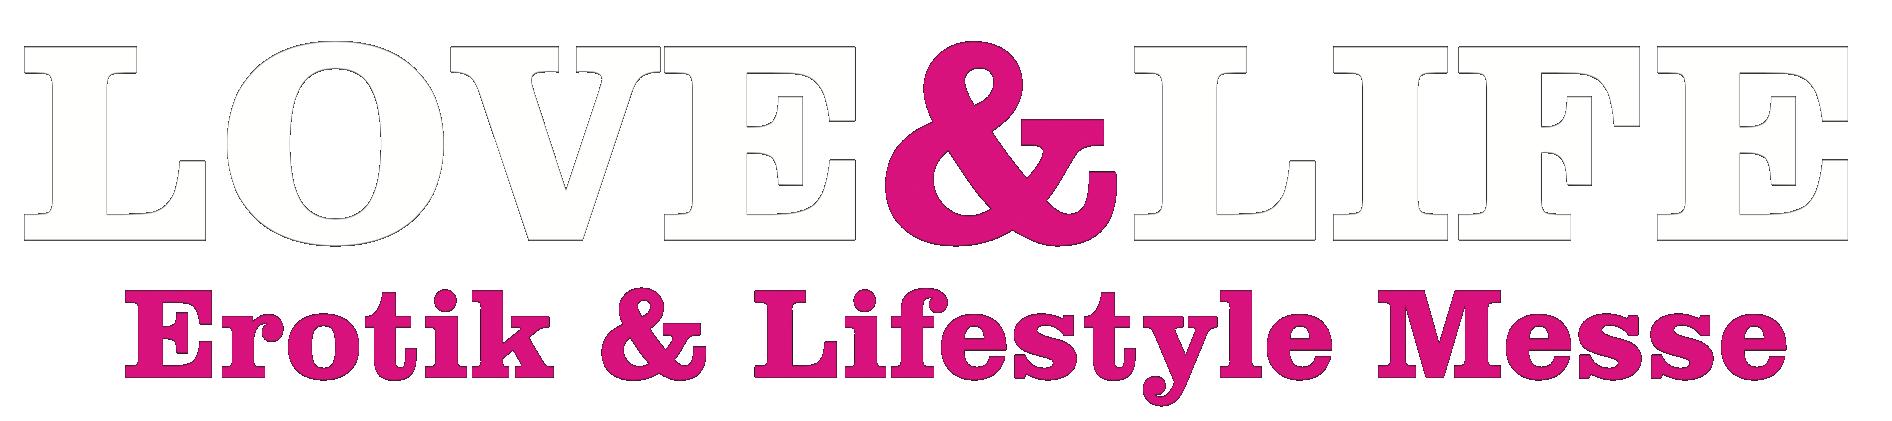 Love & Life Erotikmesse in Ried i.I. in Österreich | Österreichs neue und größte Messe für Erotik & Lifestyle. Die Messe vereint rund 100 Aussteller auf 4000m² Veranstaltungsfläche. Dessous, Lifestyle-Mode, ...